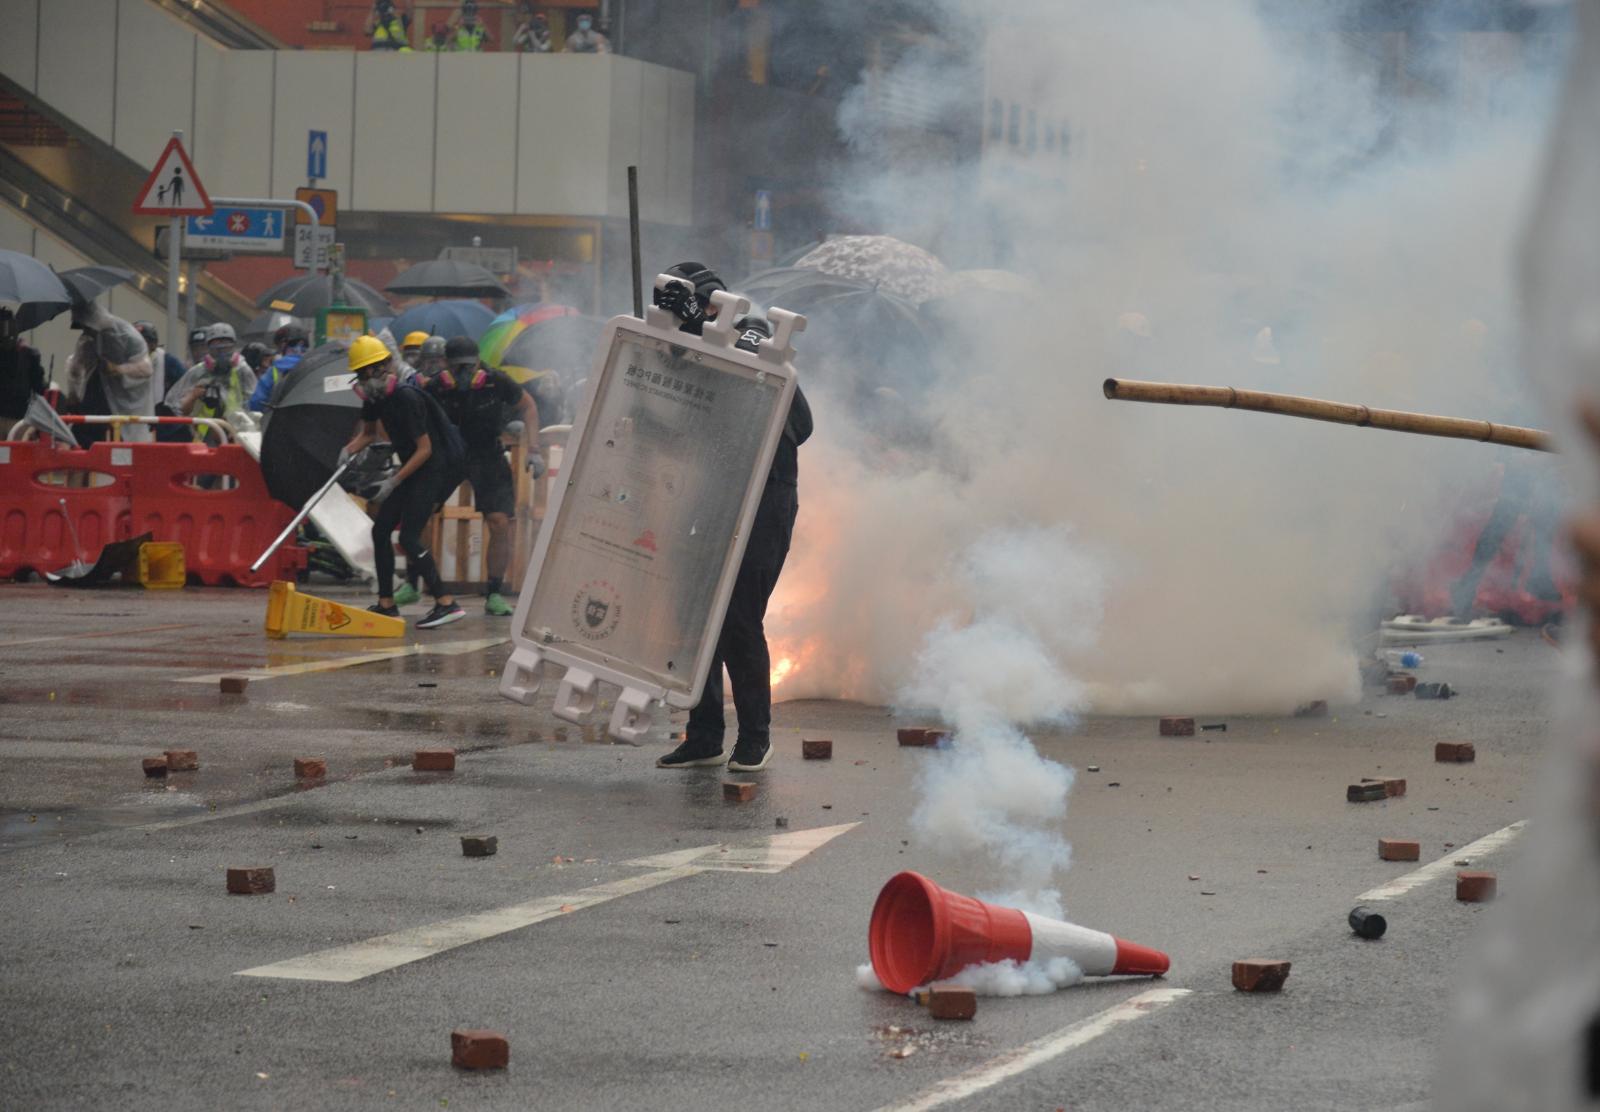 【荃葵青游行】警方装甲车驶进荃湾沙咀道戒备 与示威者对峙